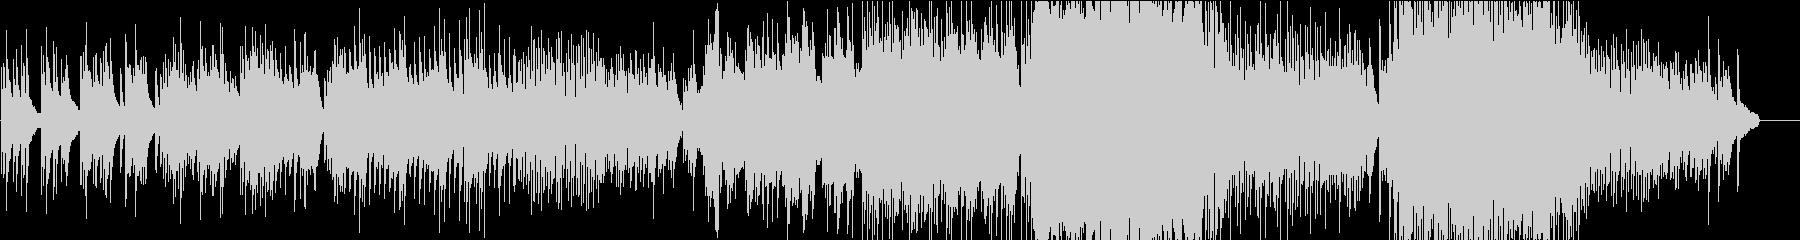 ピアノメインの卒業曲(巣立つイメージ)の未再生の波形